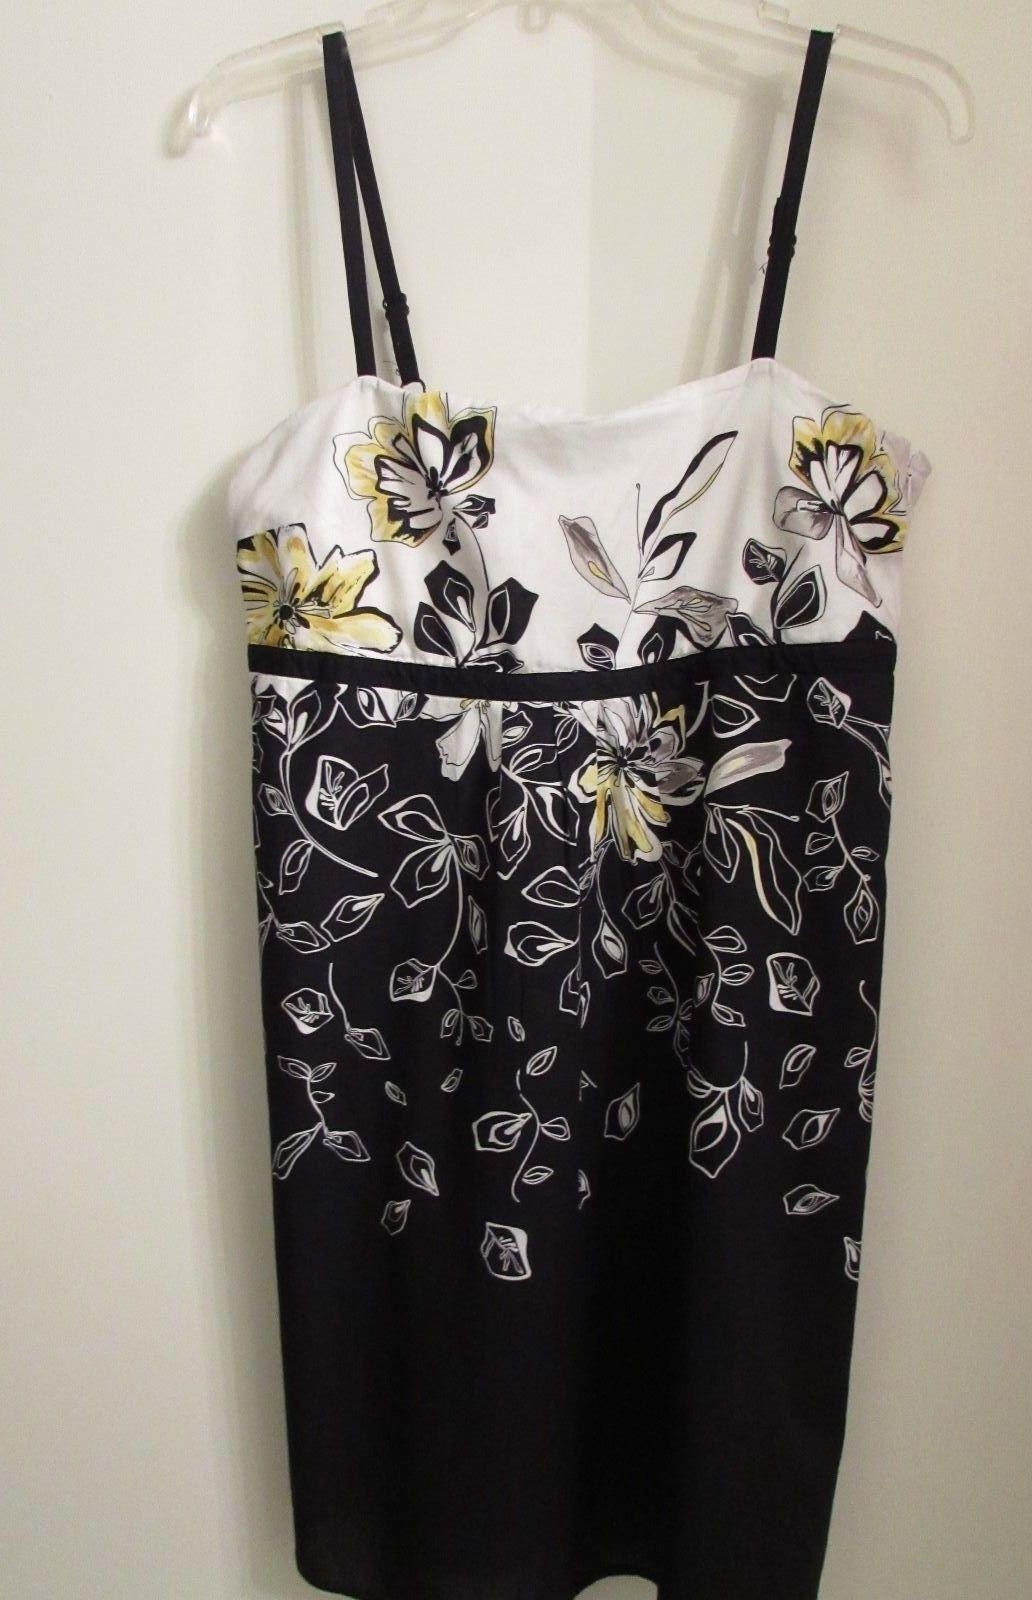 Jantzen Sundress, Floral, Multi-Color 100% Cotton-perfect for the Summer-Size M